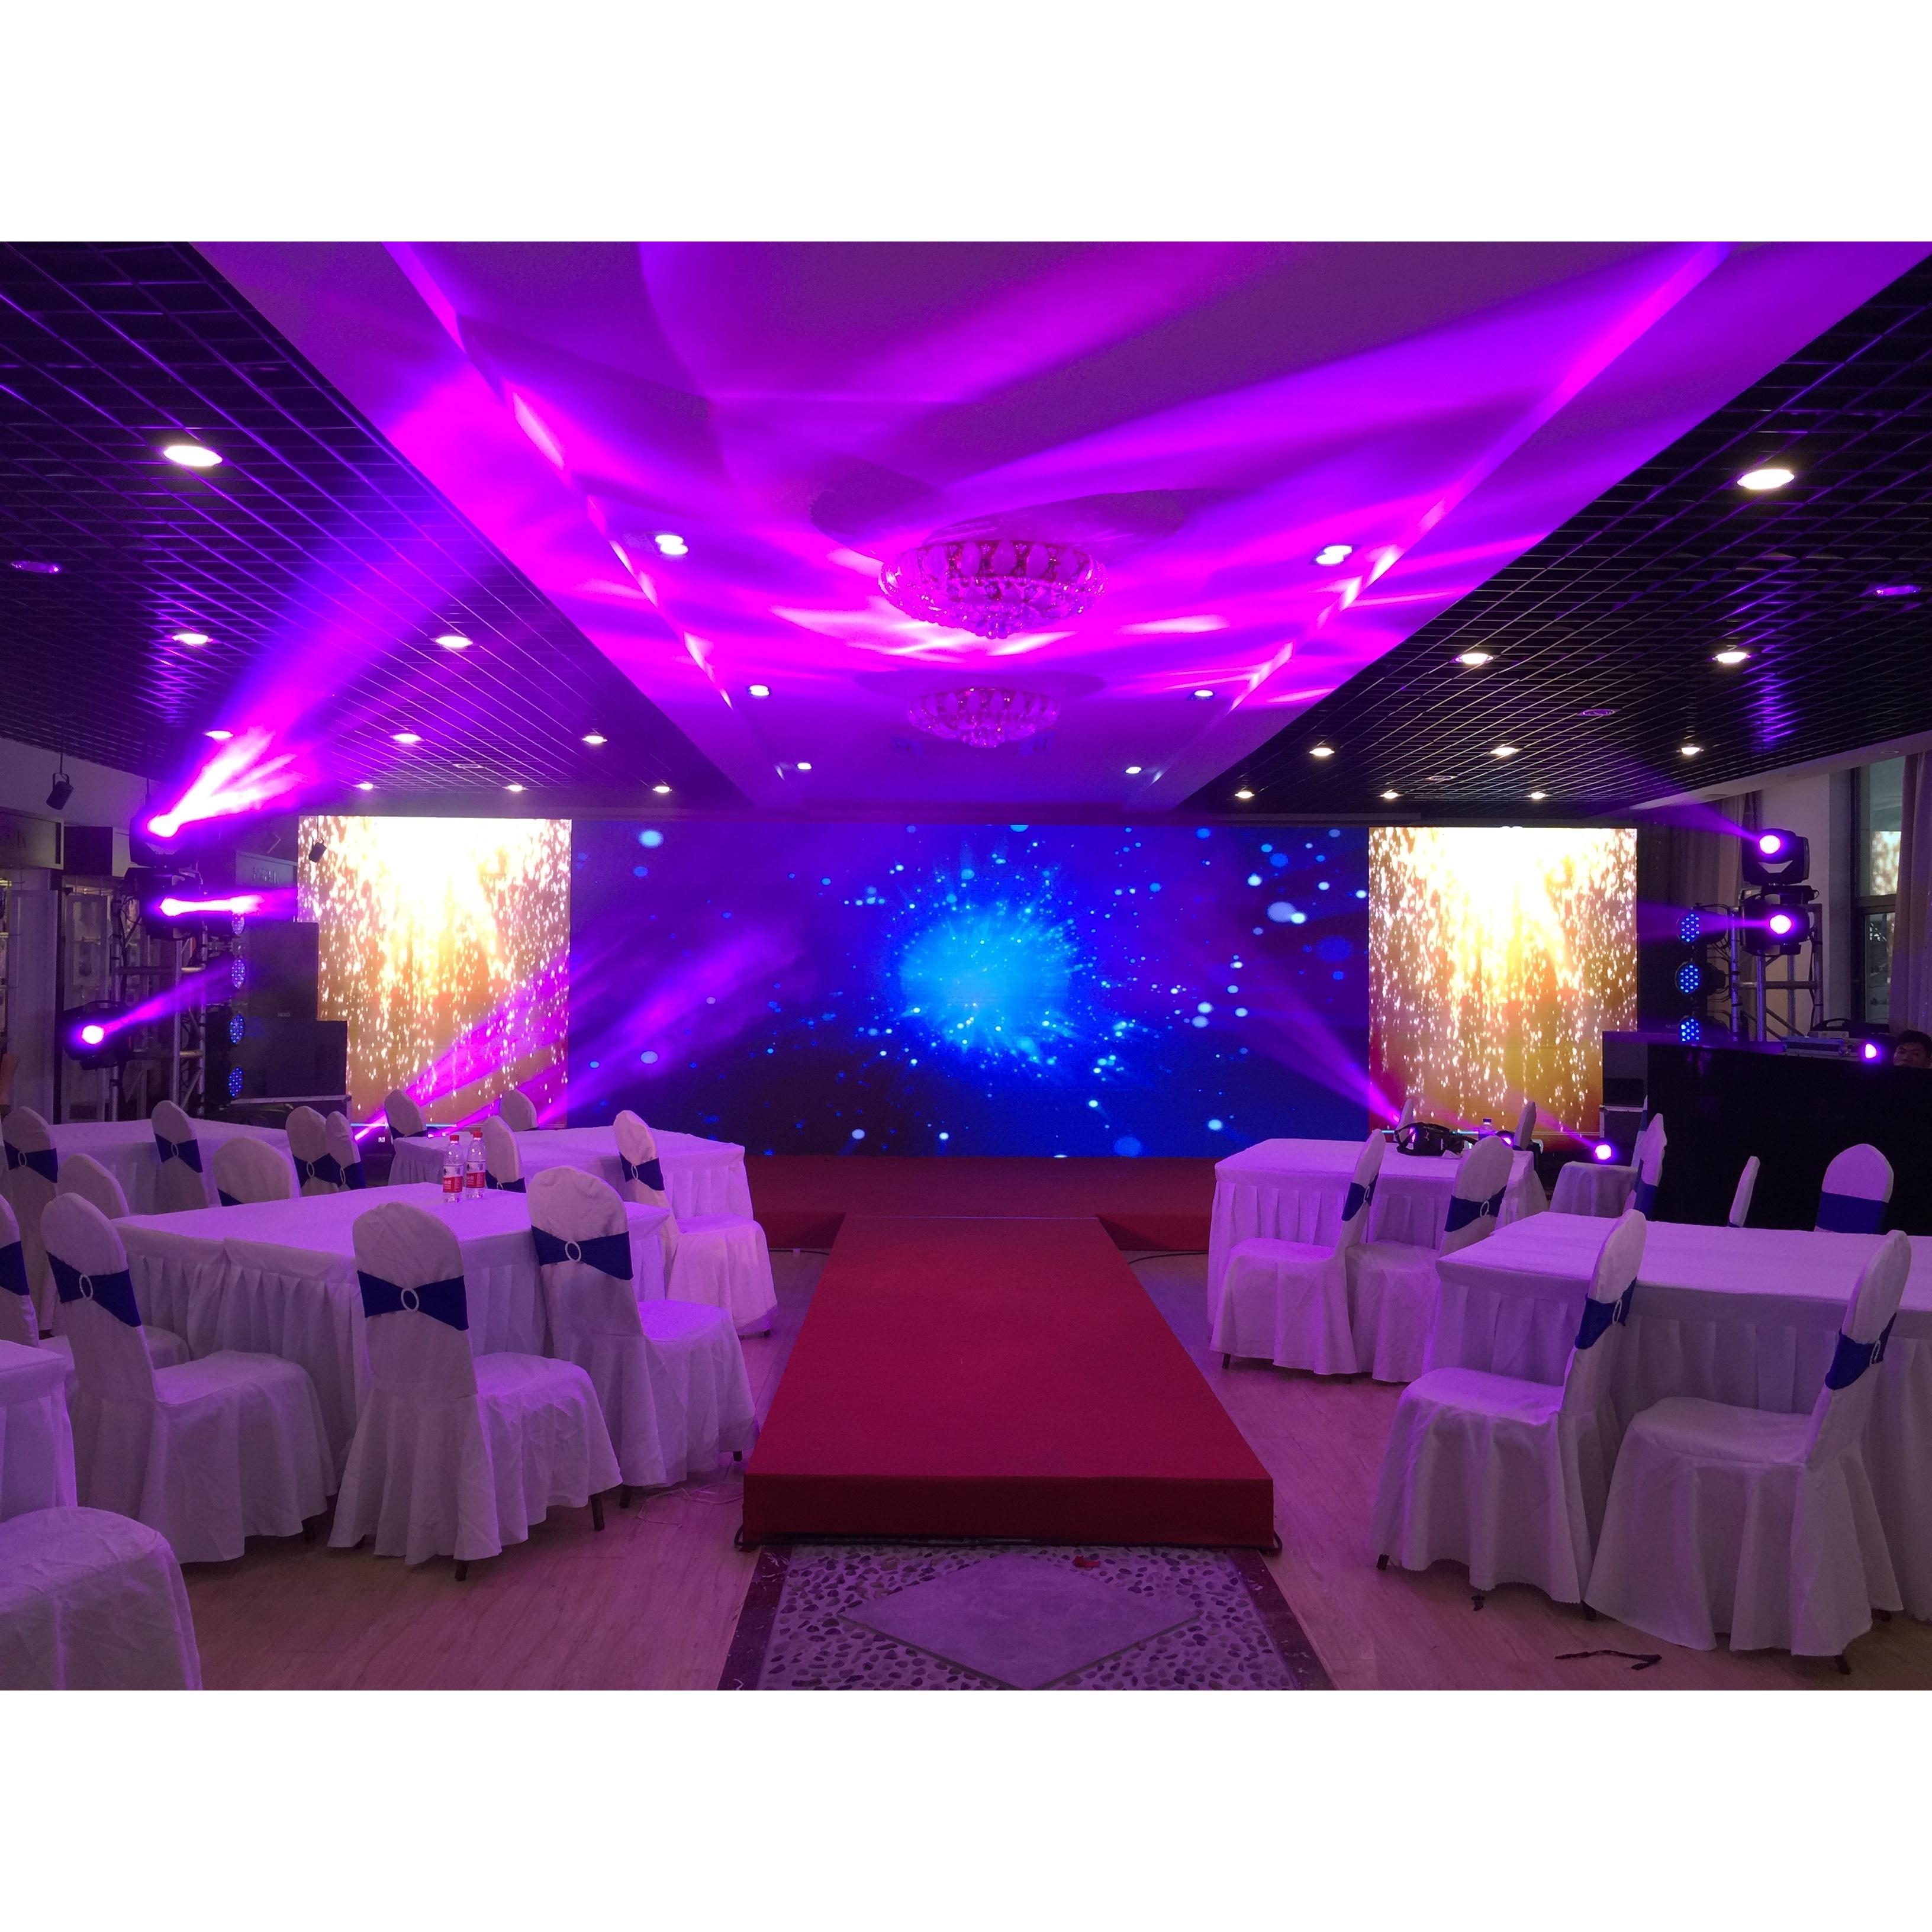 设备租赁公司  设备租赁:舞台灯光音响设备现场搭建舞台 设计制作